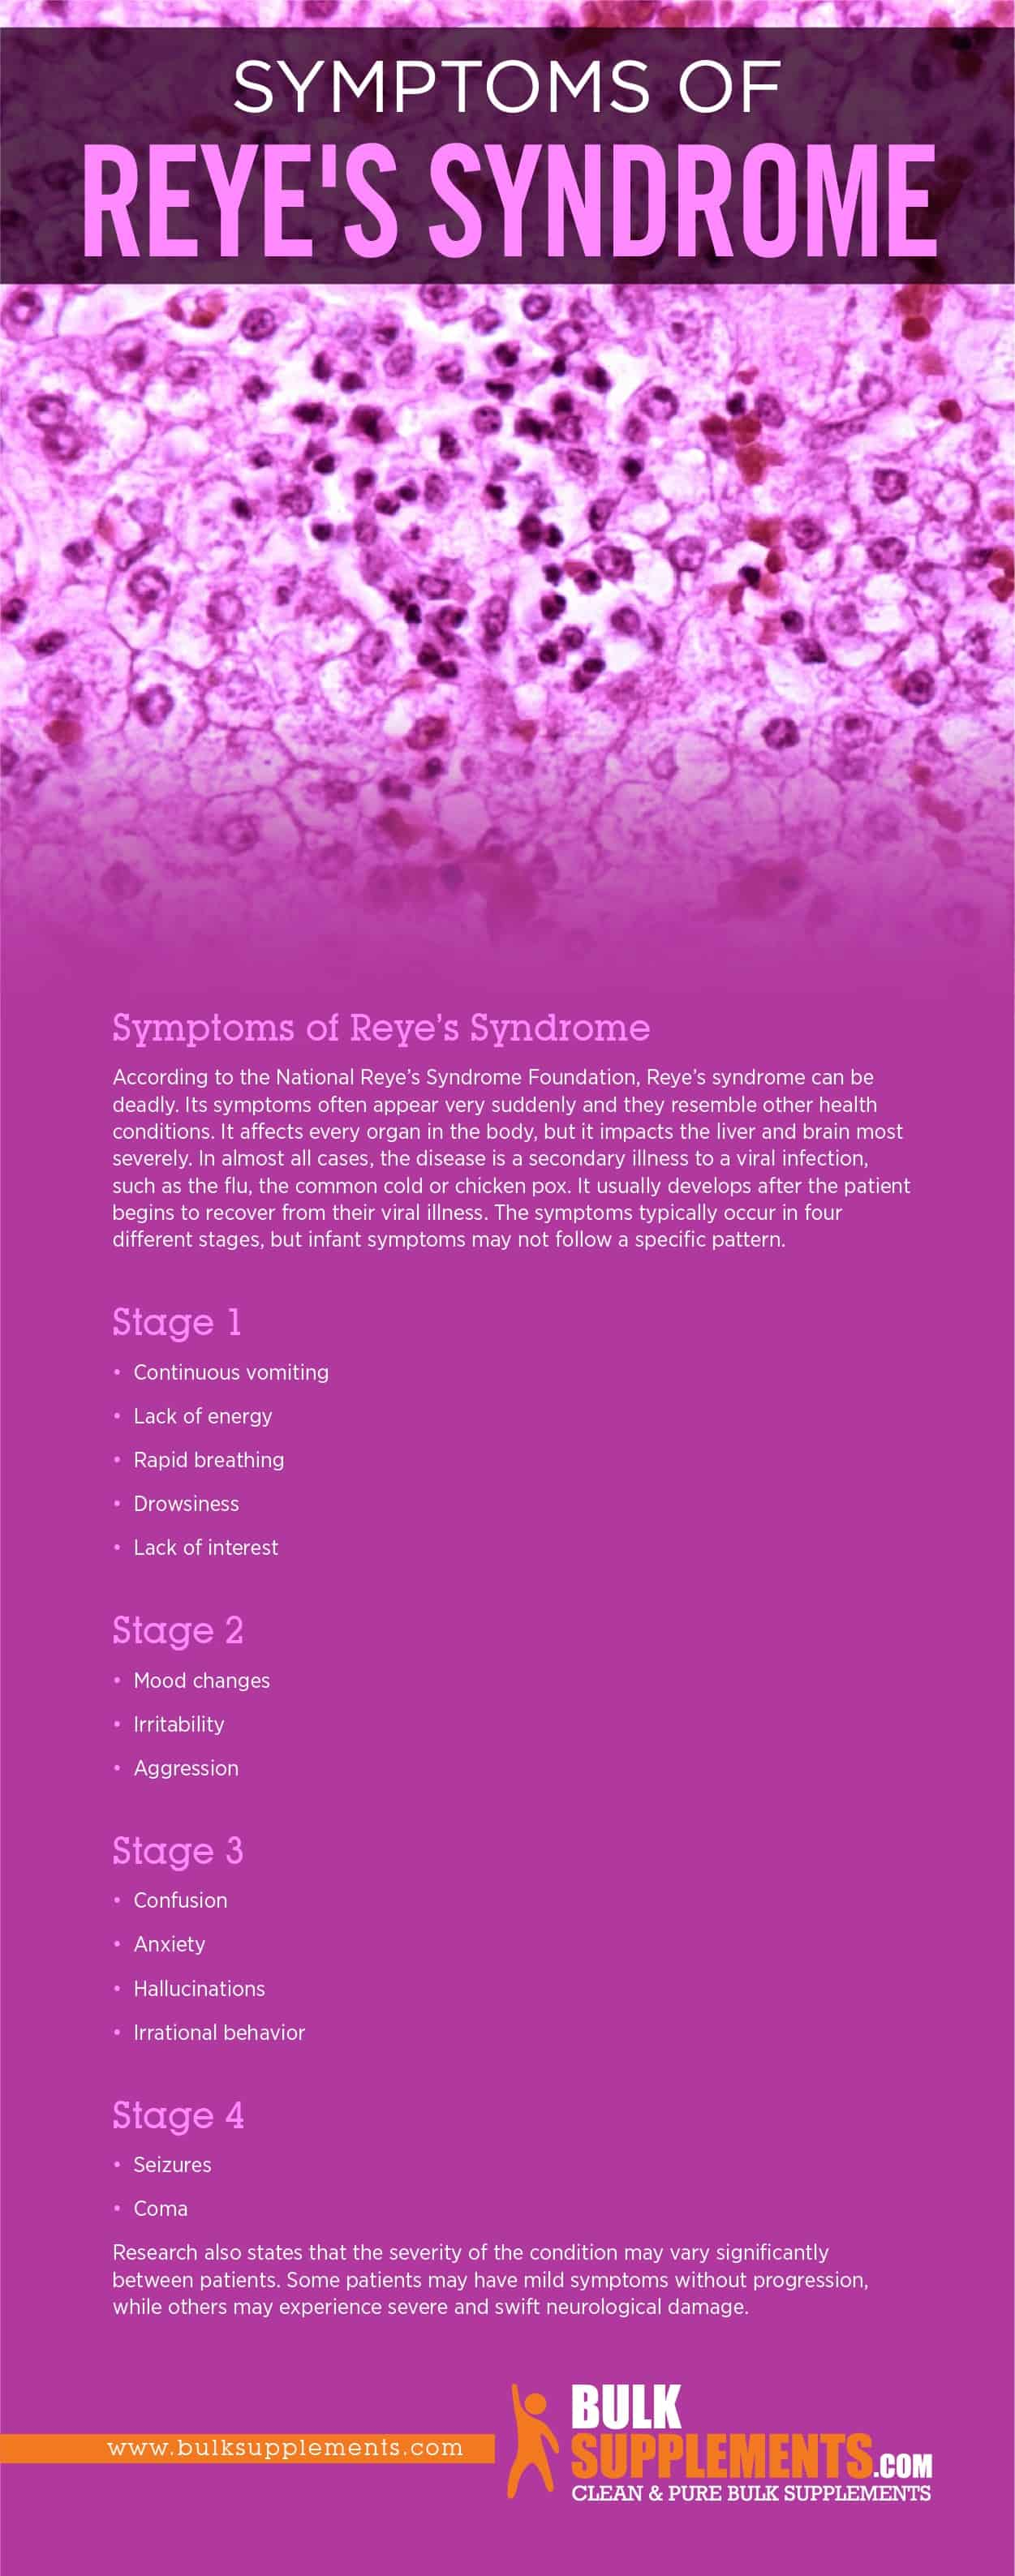 Symptoms of Reye's Syndrome